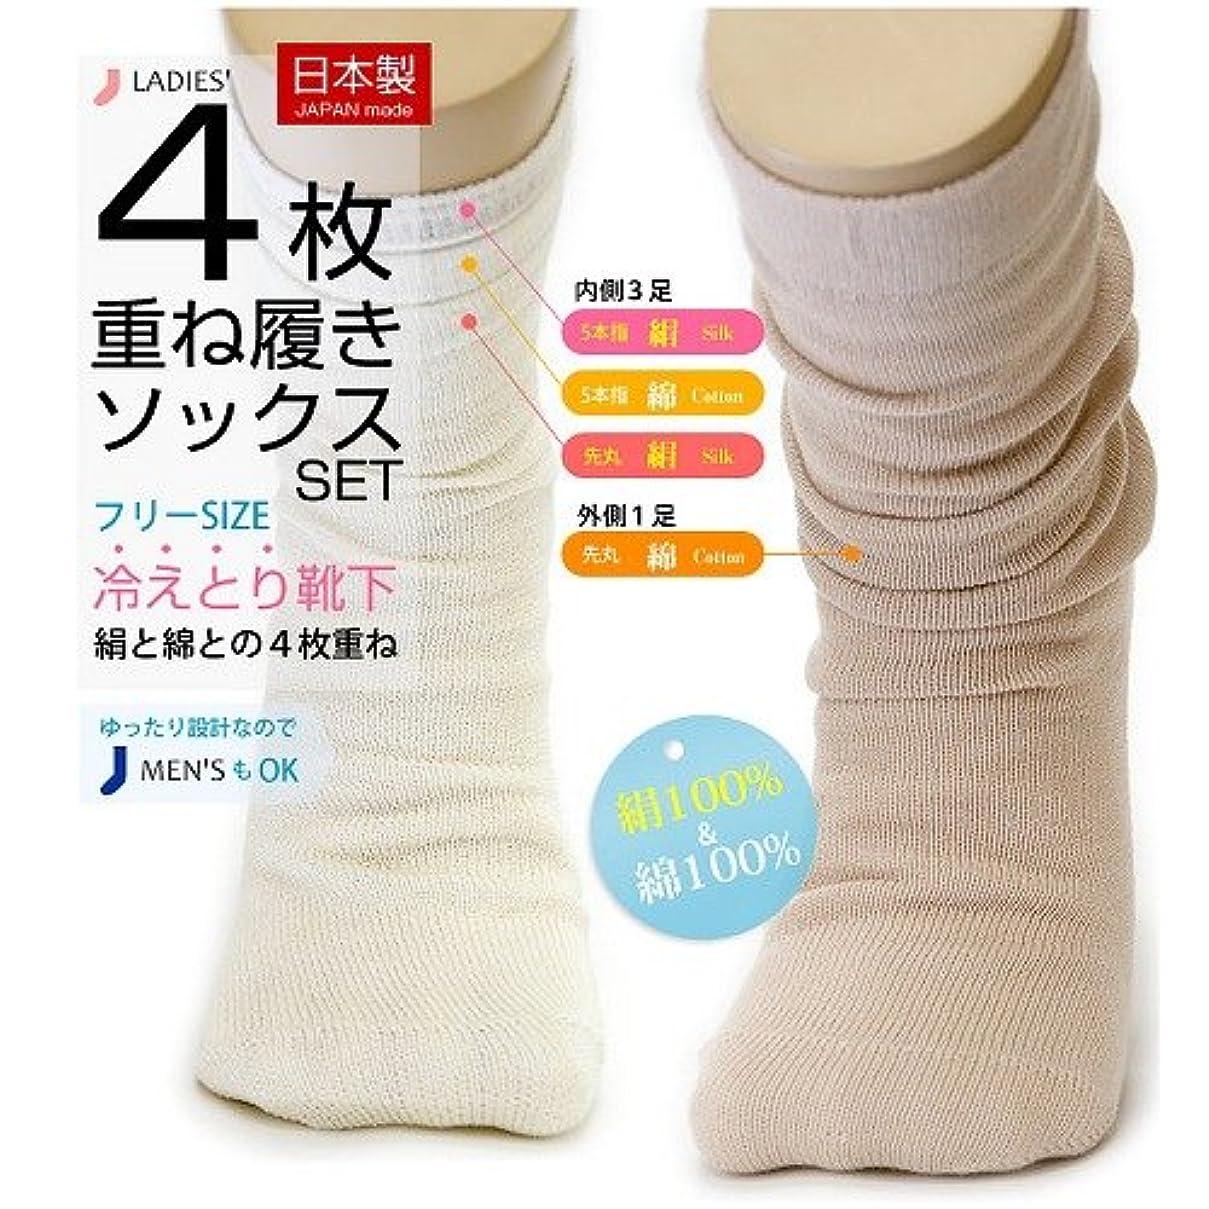 アルコーブ旅客シールド冷え取り靴下 綿100%とシルク100% 最高級の日本製 4枚重ねばきセット(外側チャコール)